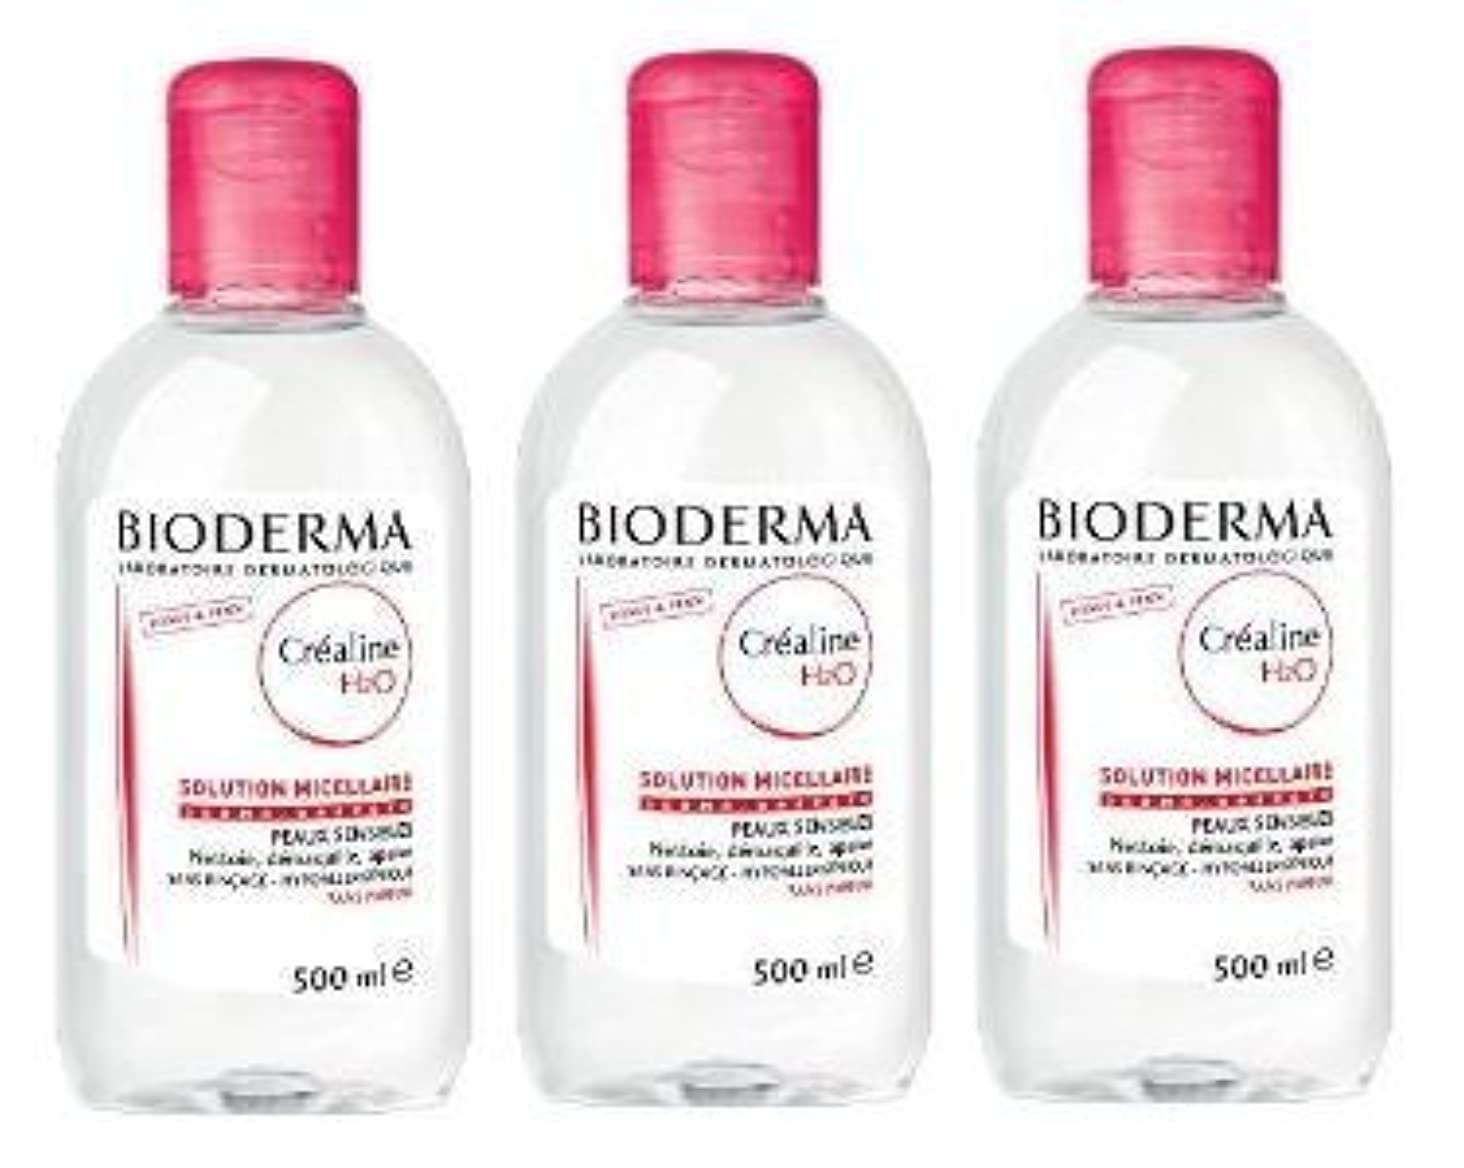 侵略期間植生ビオデルマ(BIODERMA) サンシビオ H2O D(Crealine H2O)500ml 3本セット [並行輸入品]